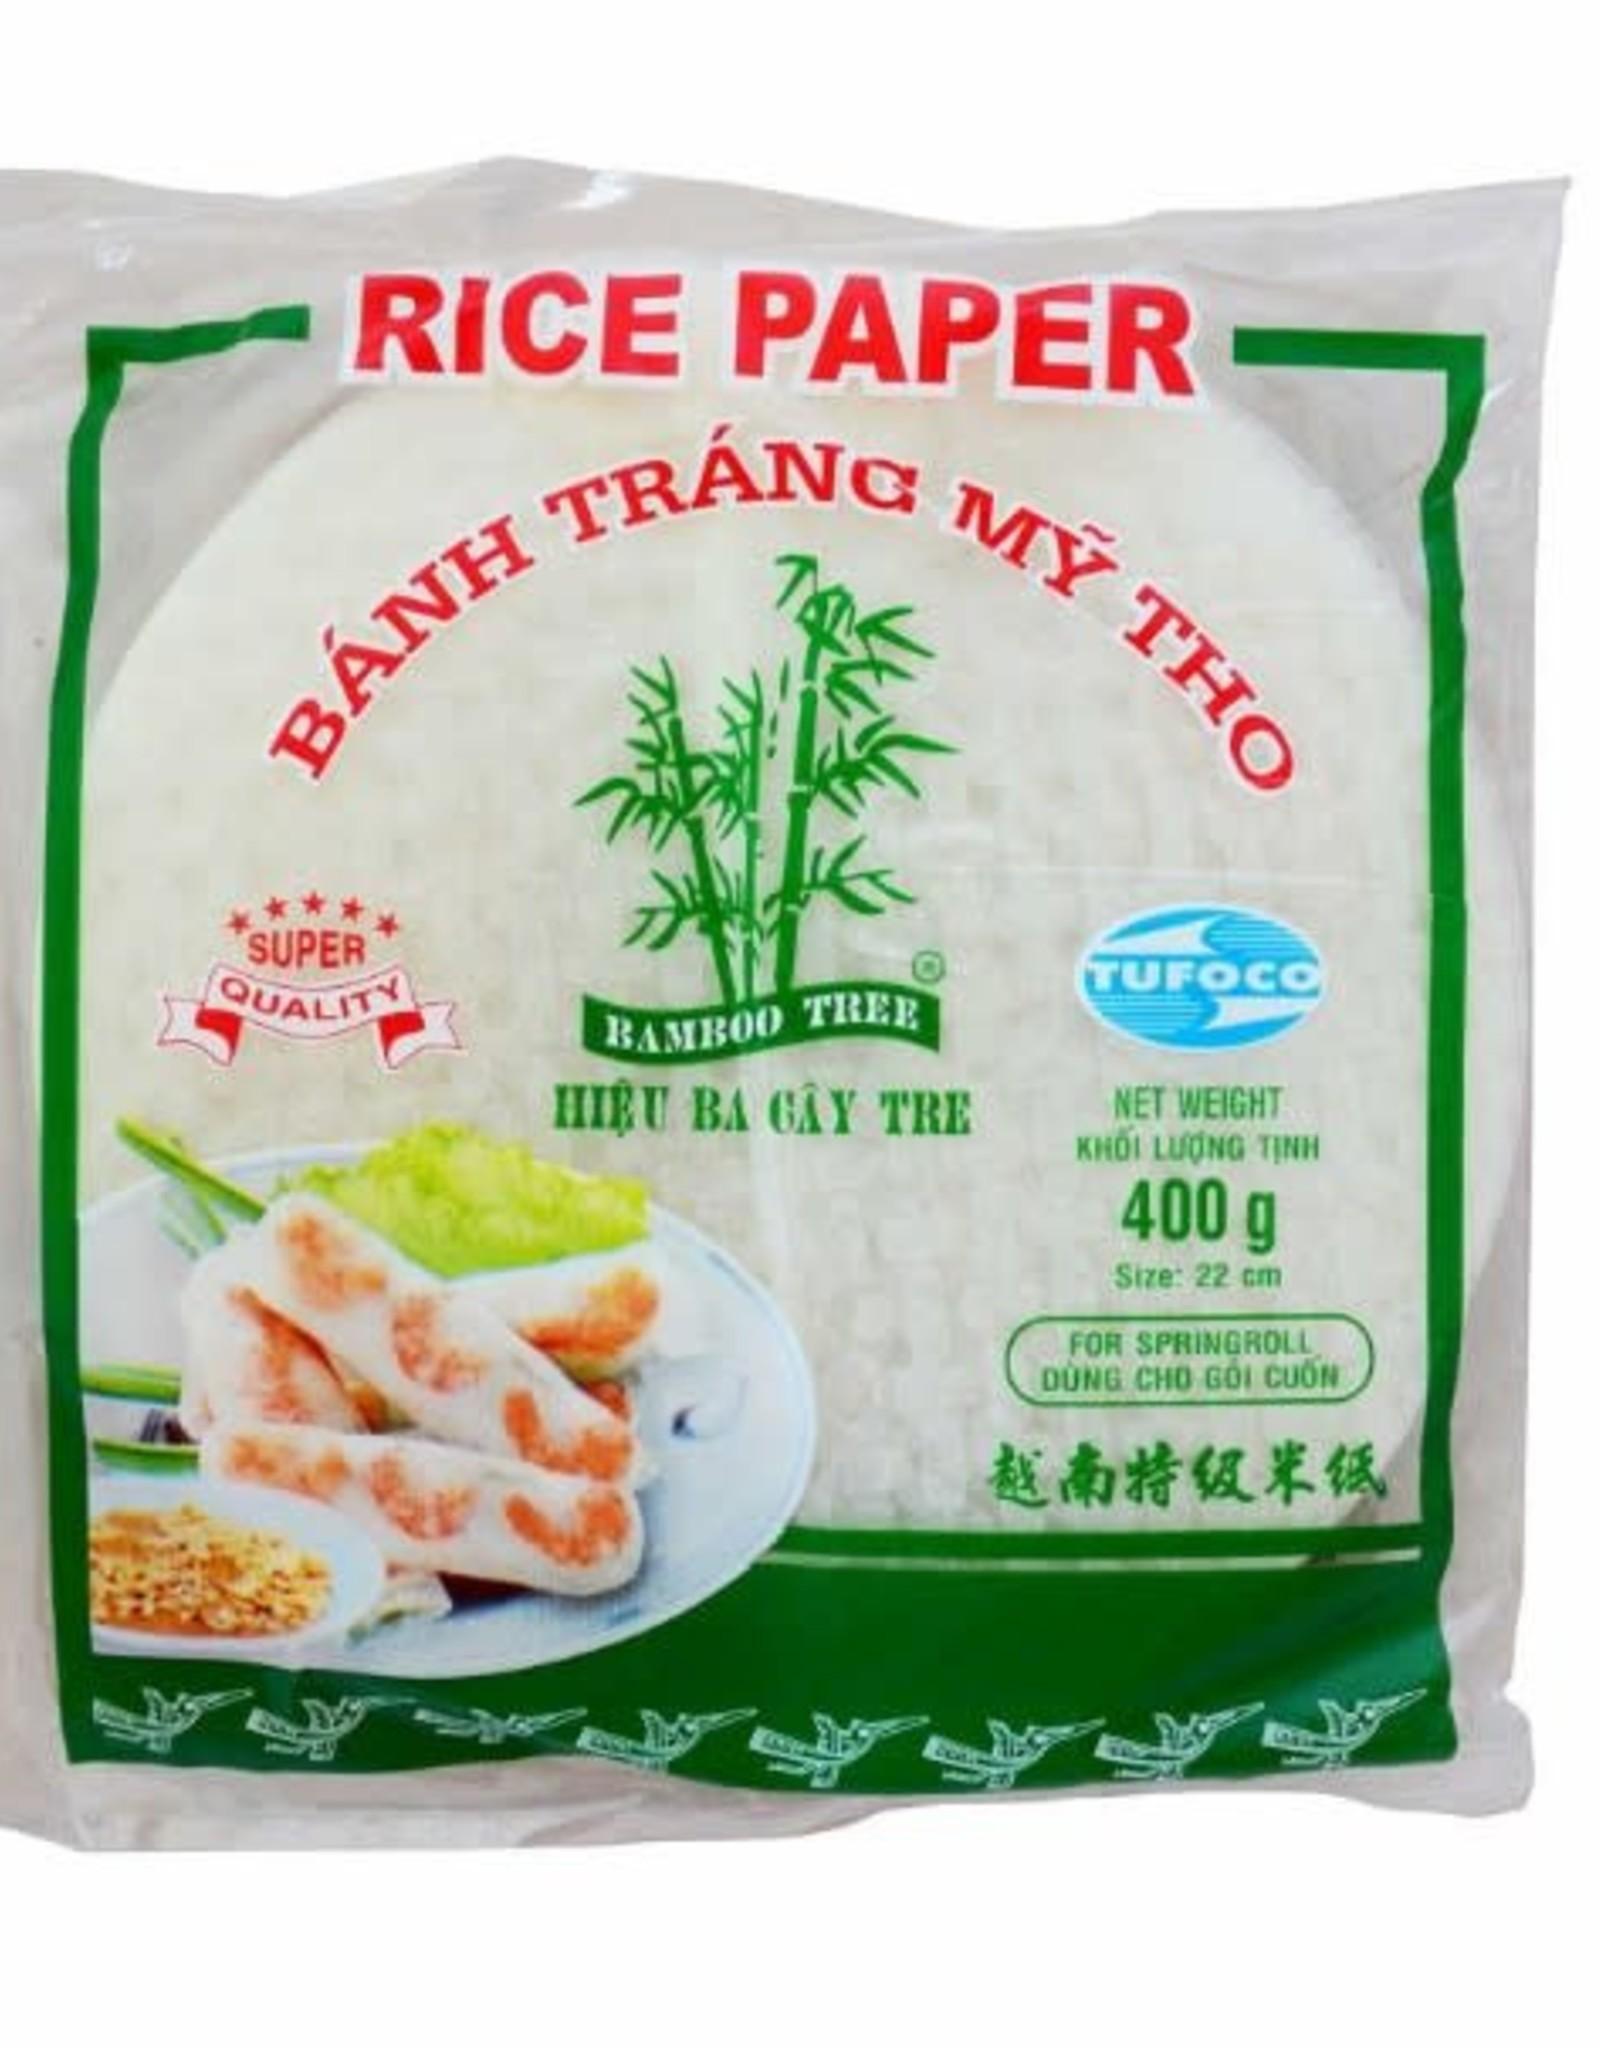 BAMBOO TREE Bánh Tráng 3 Cây Tre 22Cm 400G